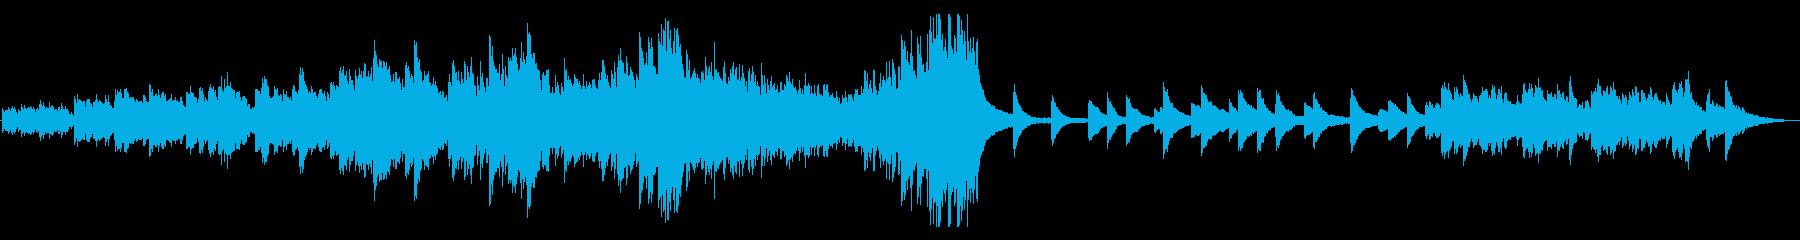 ピアノソロ始まりを想起させる高原の風の再生済みの波形